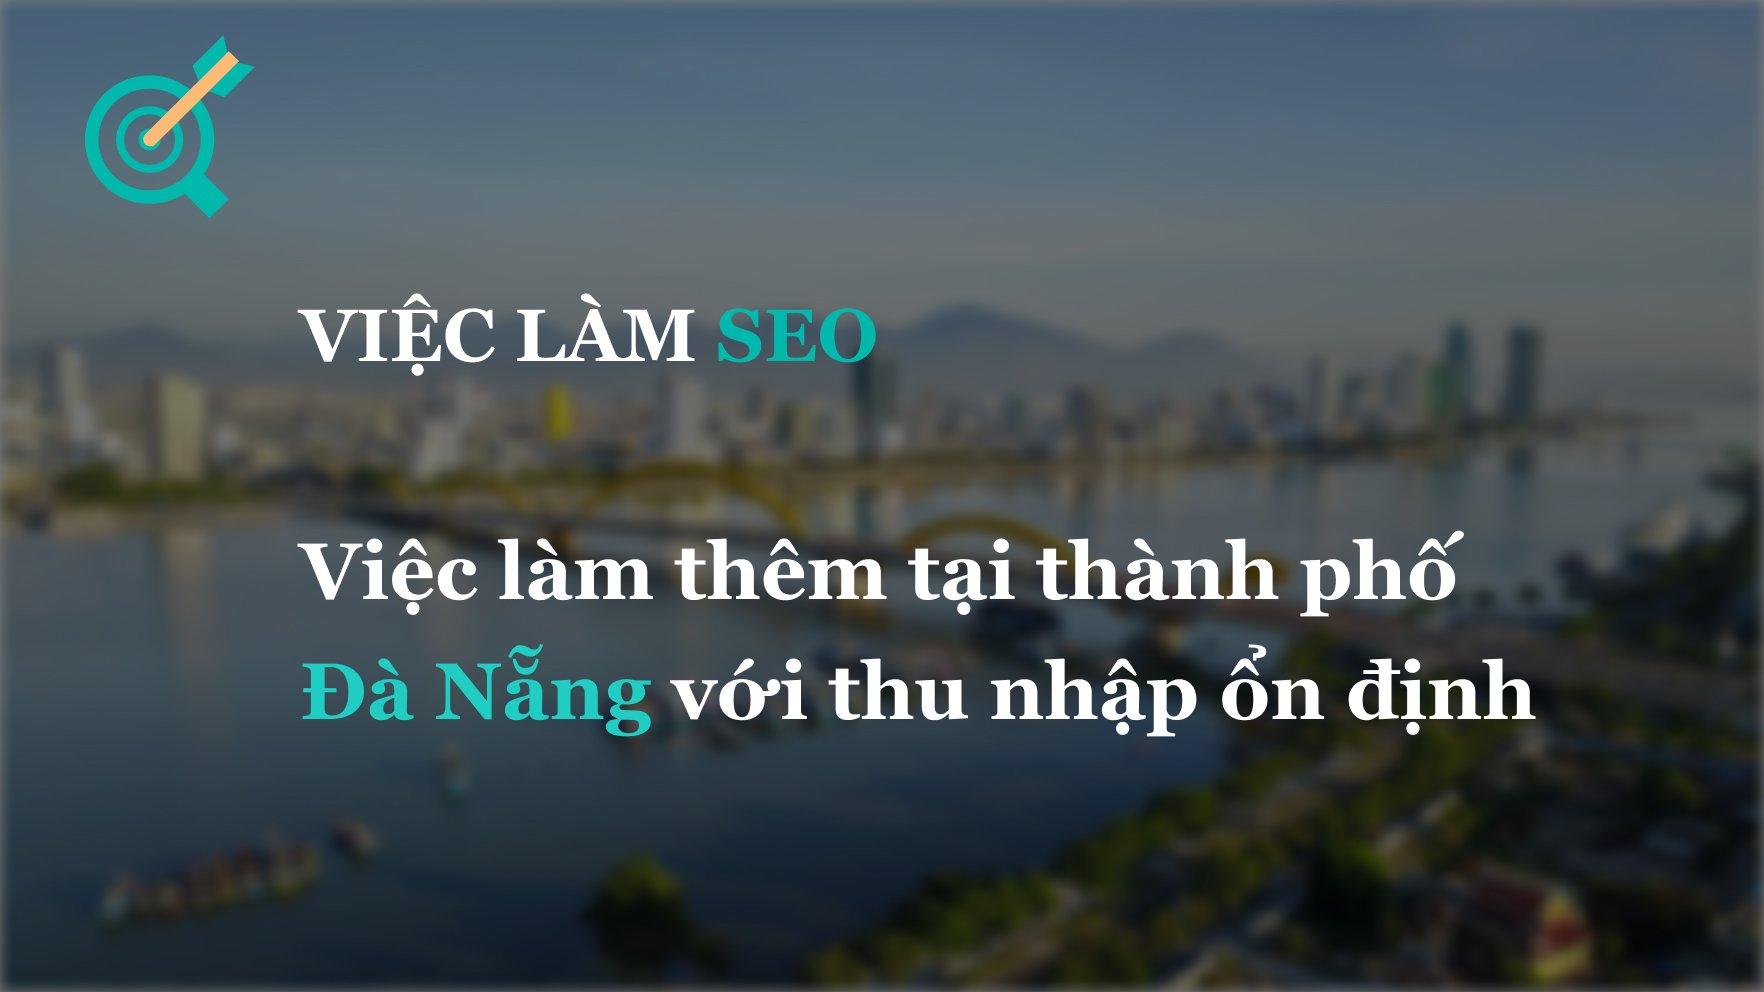 Việc làm thêm tại thành phố Đà Nẵng với thu nhập ổn định